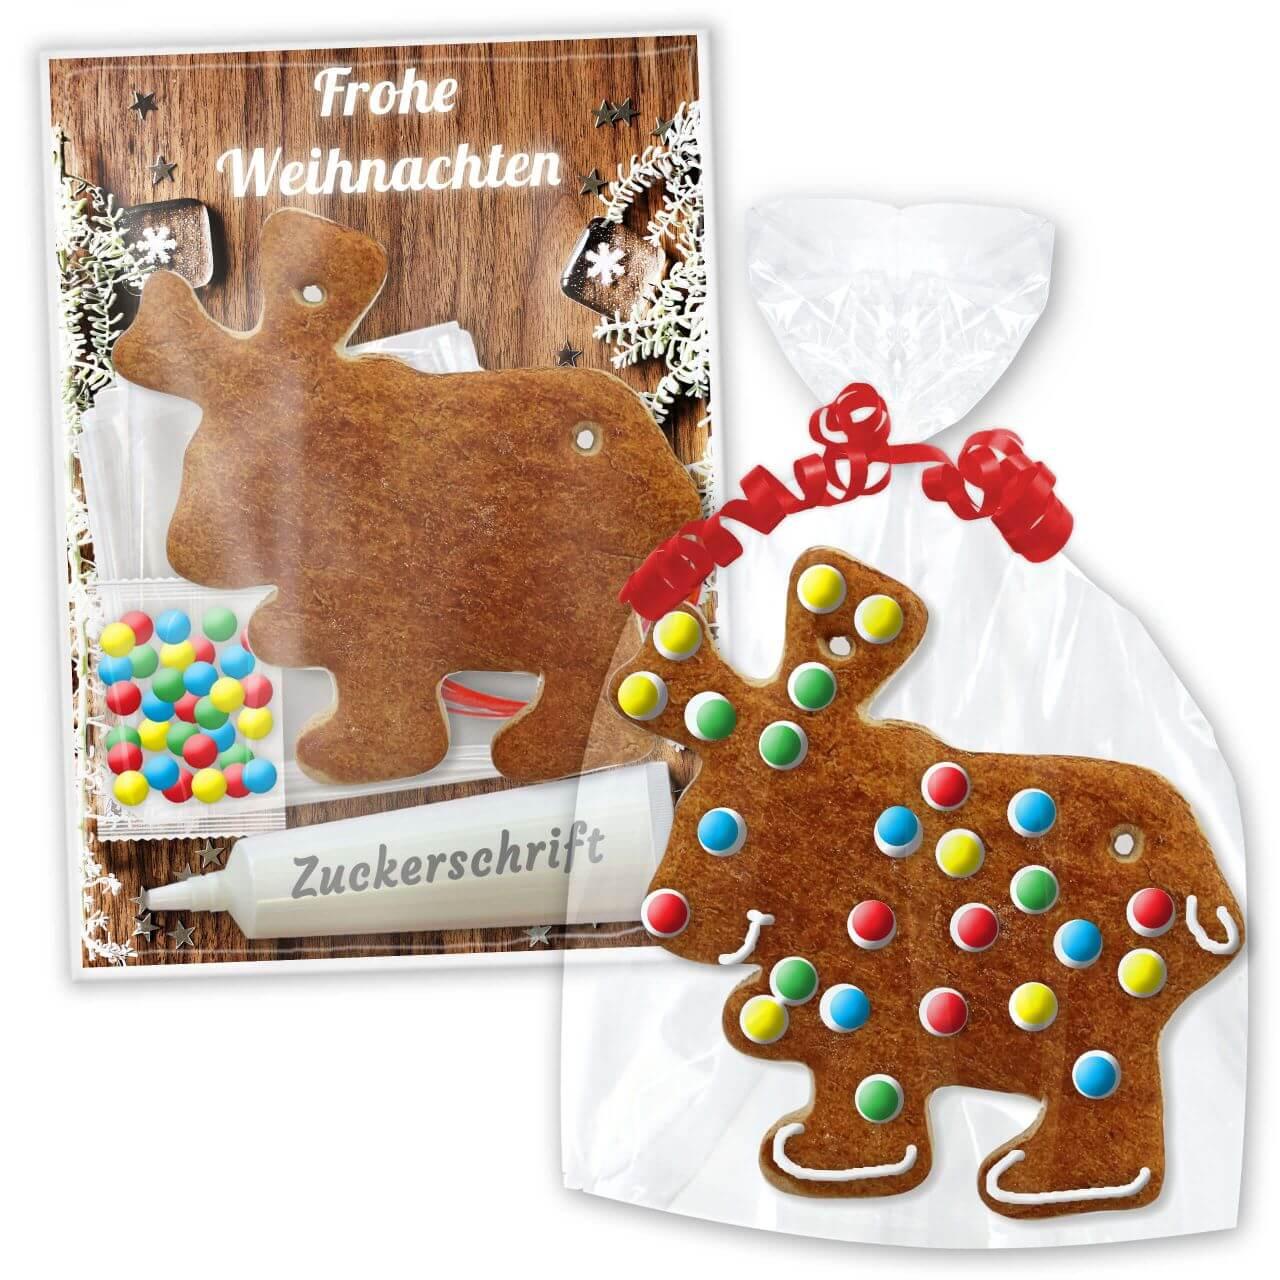 Bastel Set Lebkuchenelch Zum Selber Gestalten Weihnachten Edition